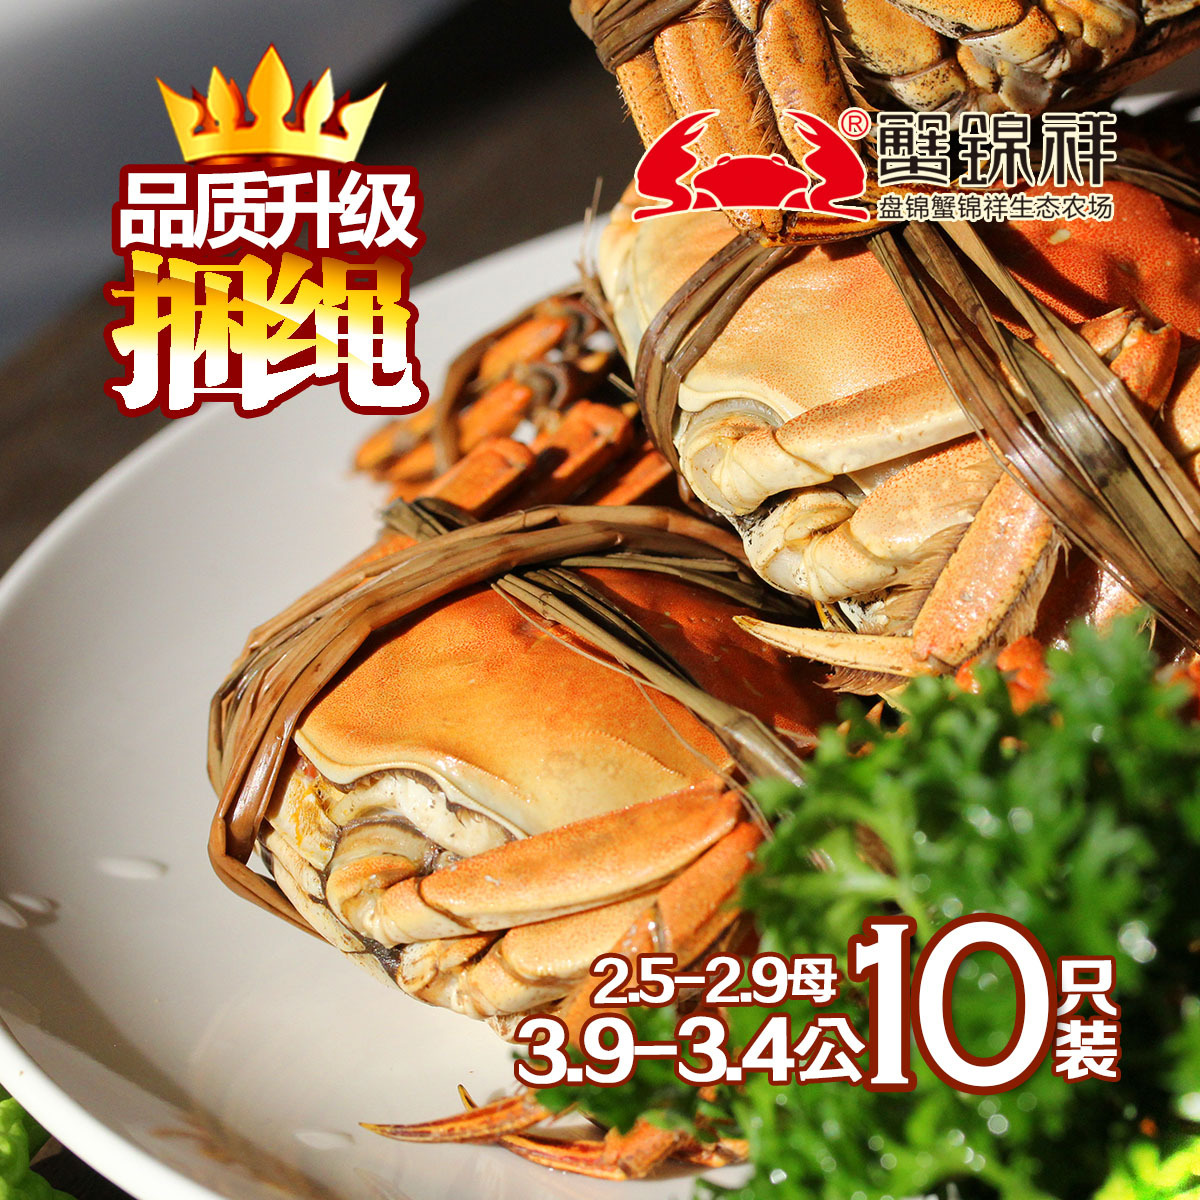 现货蟹王岛大闸蟹公螃蟹3.5-3.8两8只装